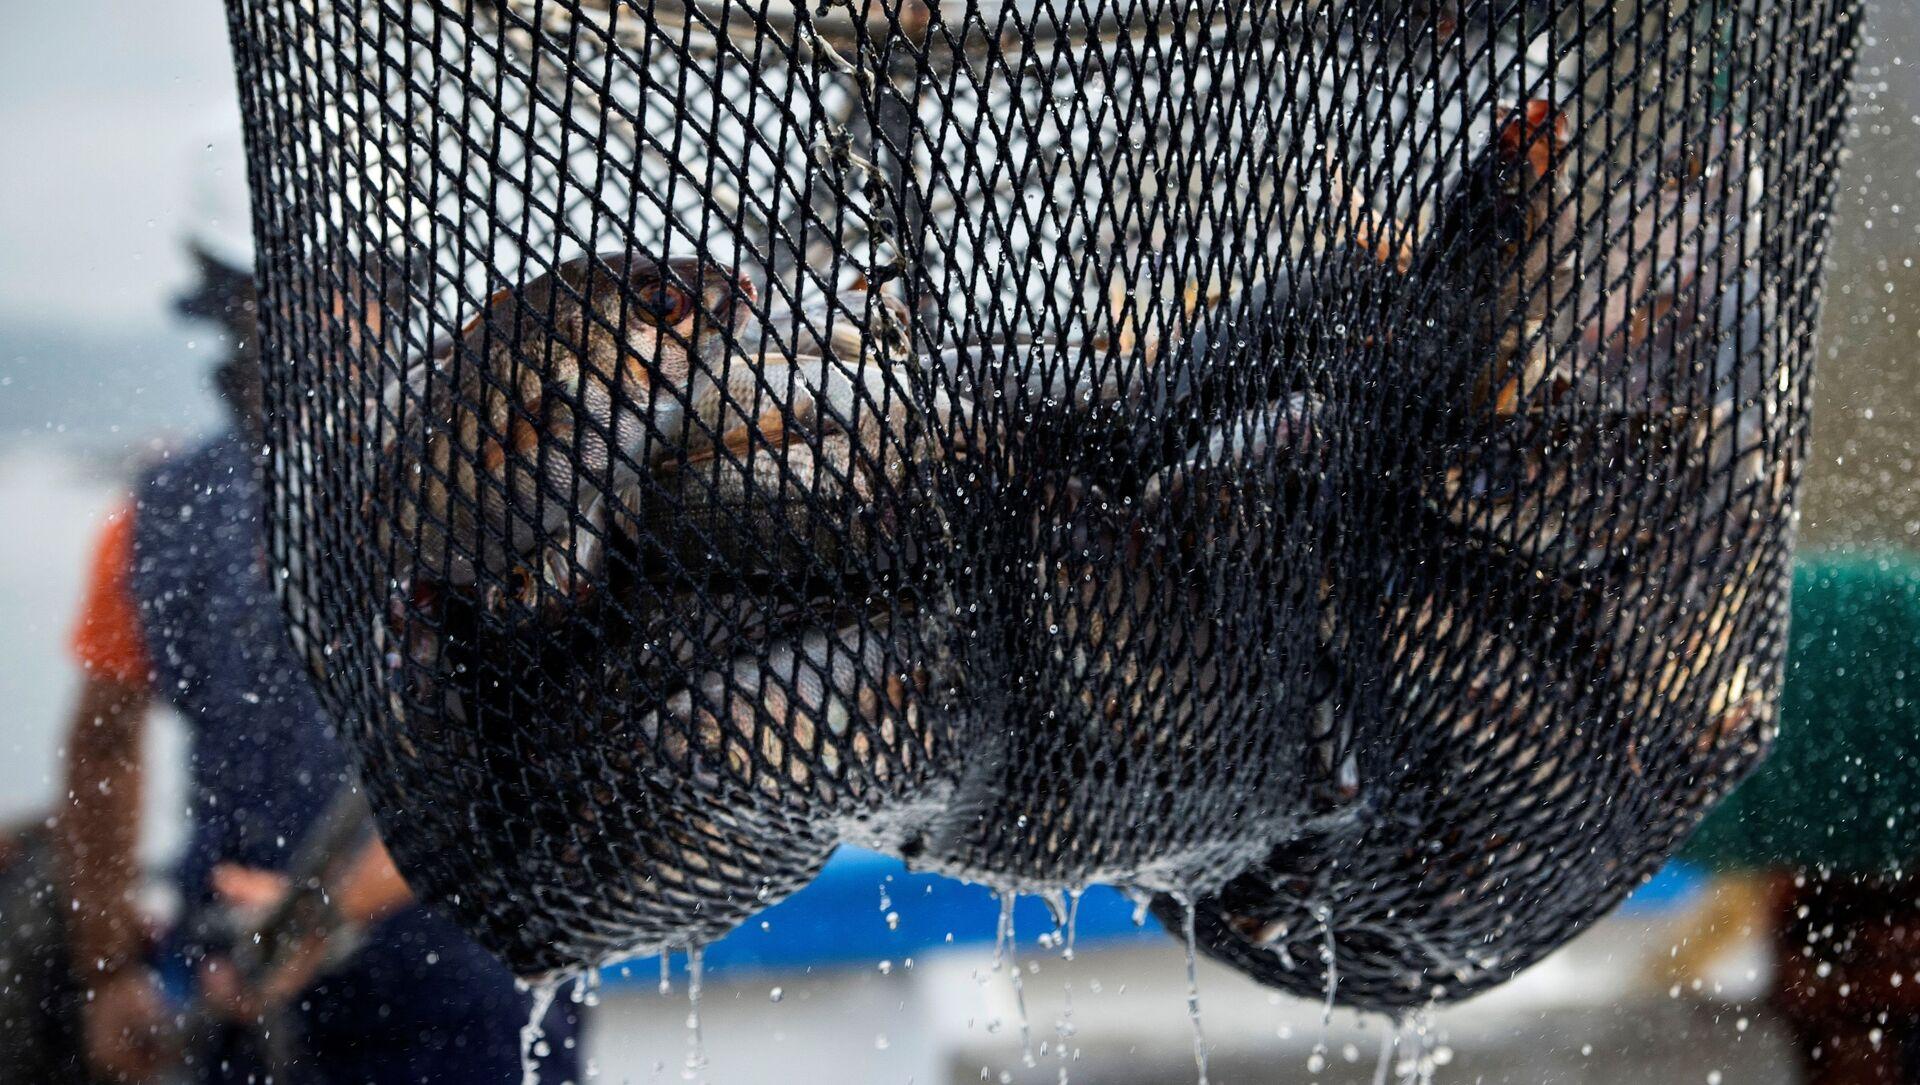 Массовый лов рыбы, фото из архива - Sputnik Azərbaycan, 1920, 01.09.2021